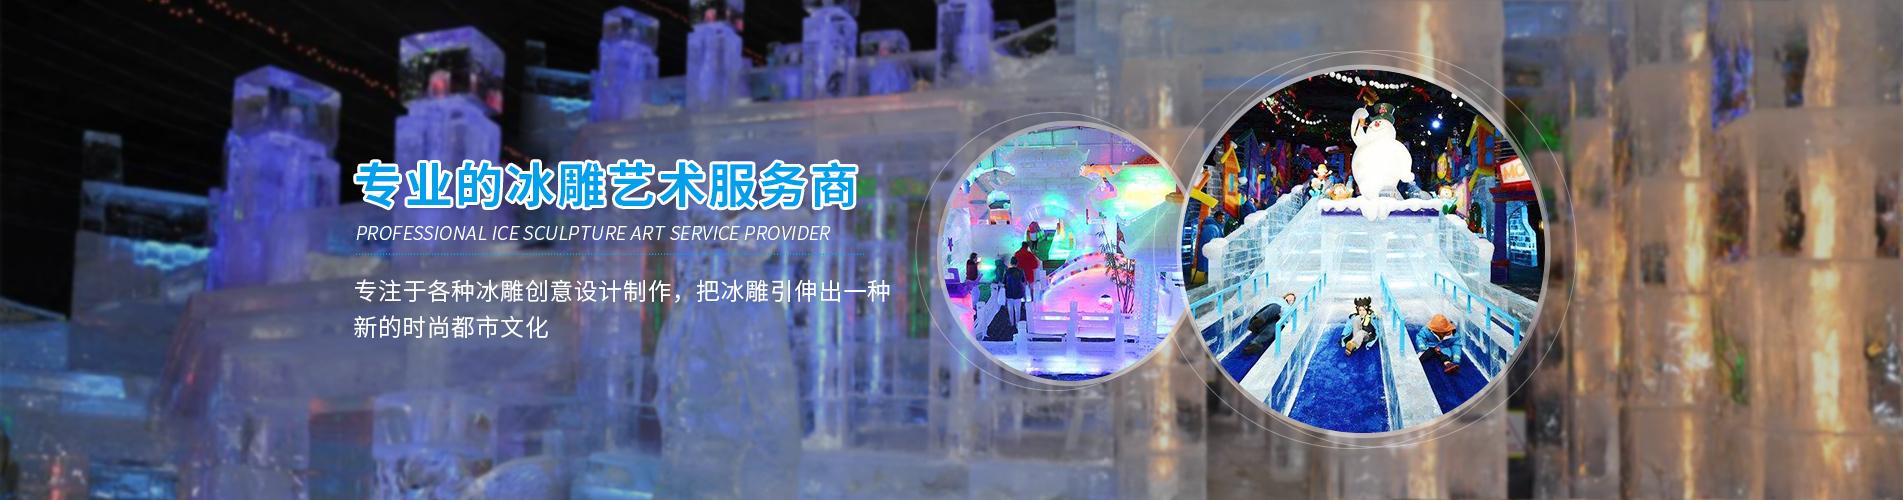 冰雕设计公司